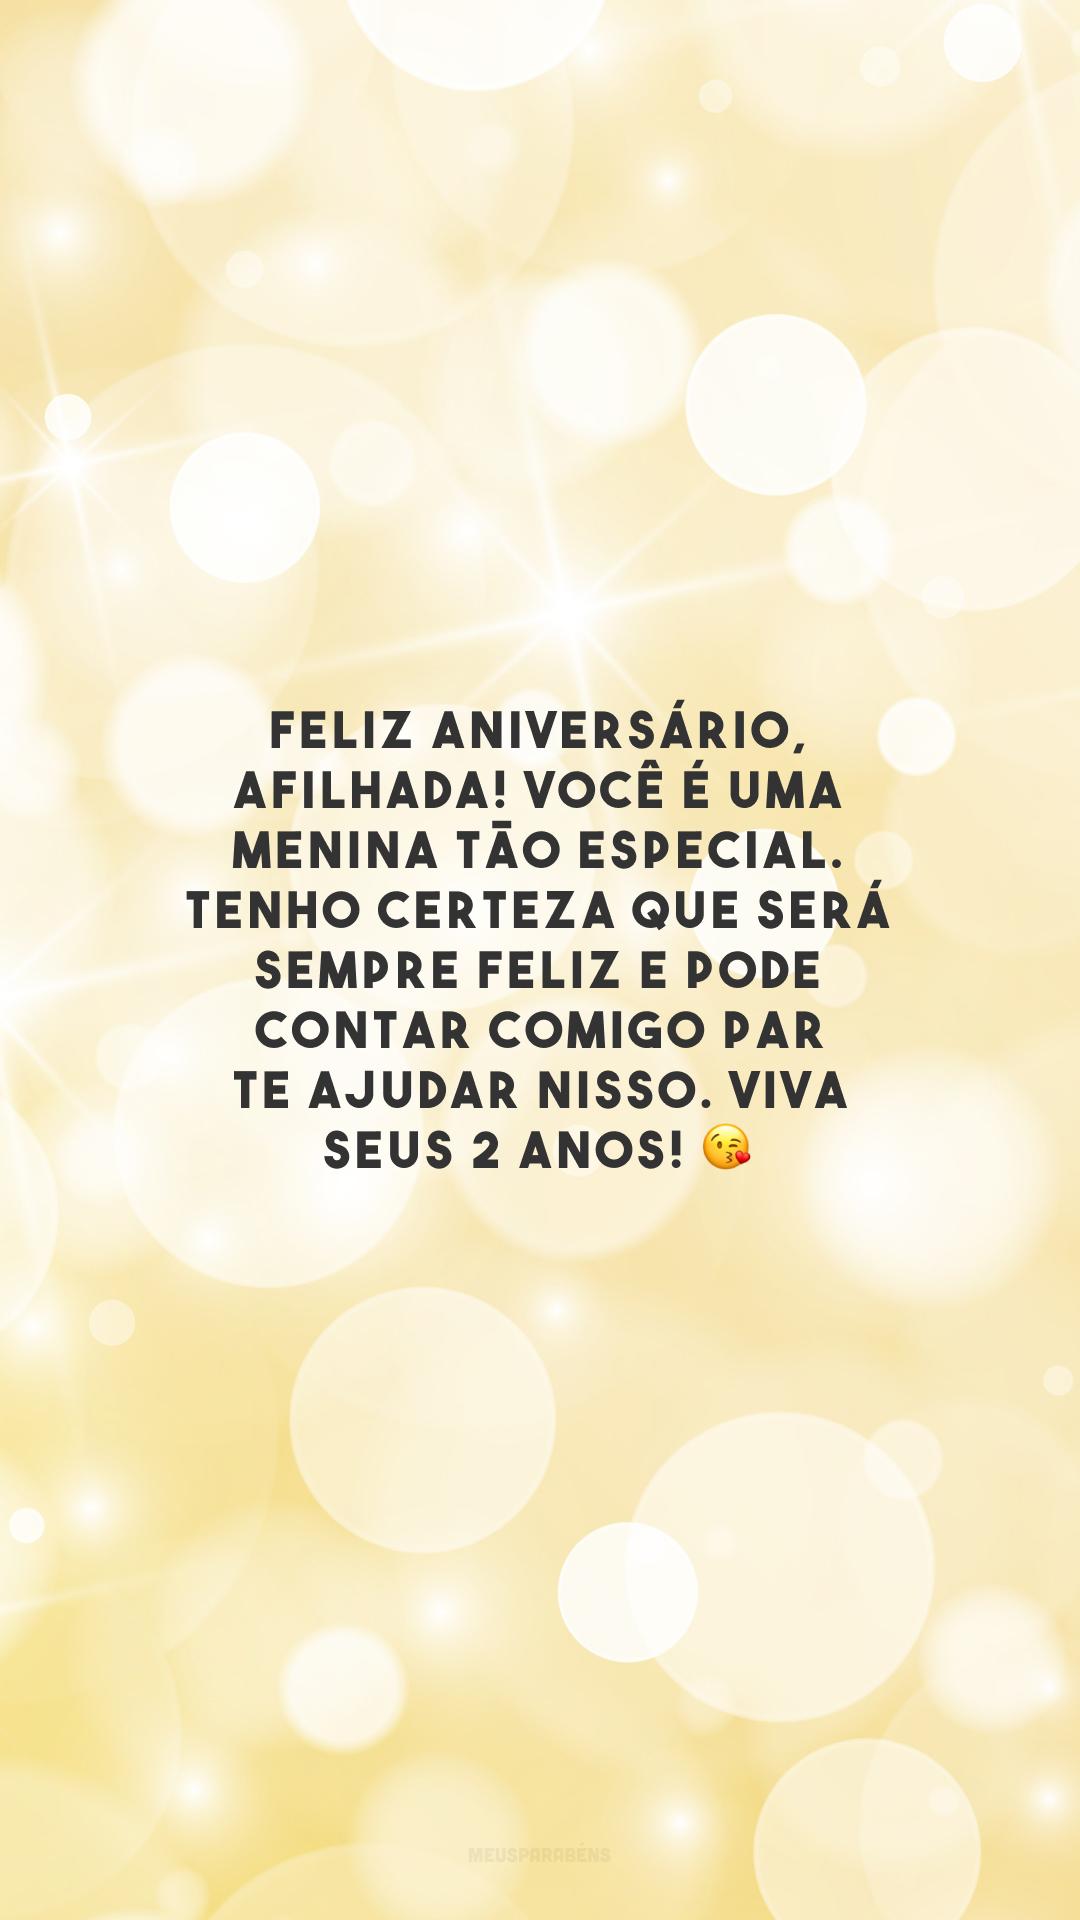 Feliz aniversário, afilhada! Você é uma menina tão especial. Tenho certeza que será sempre feliz e pode contar comigo para te ajudar nisso. Viva seus 2 anos! 😘